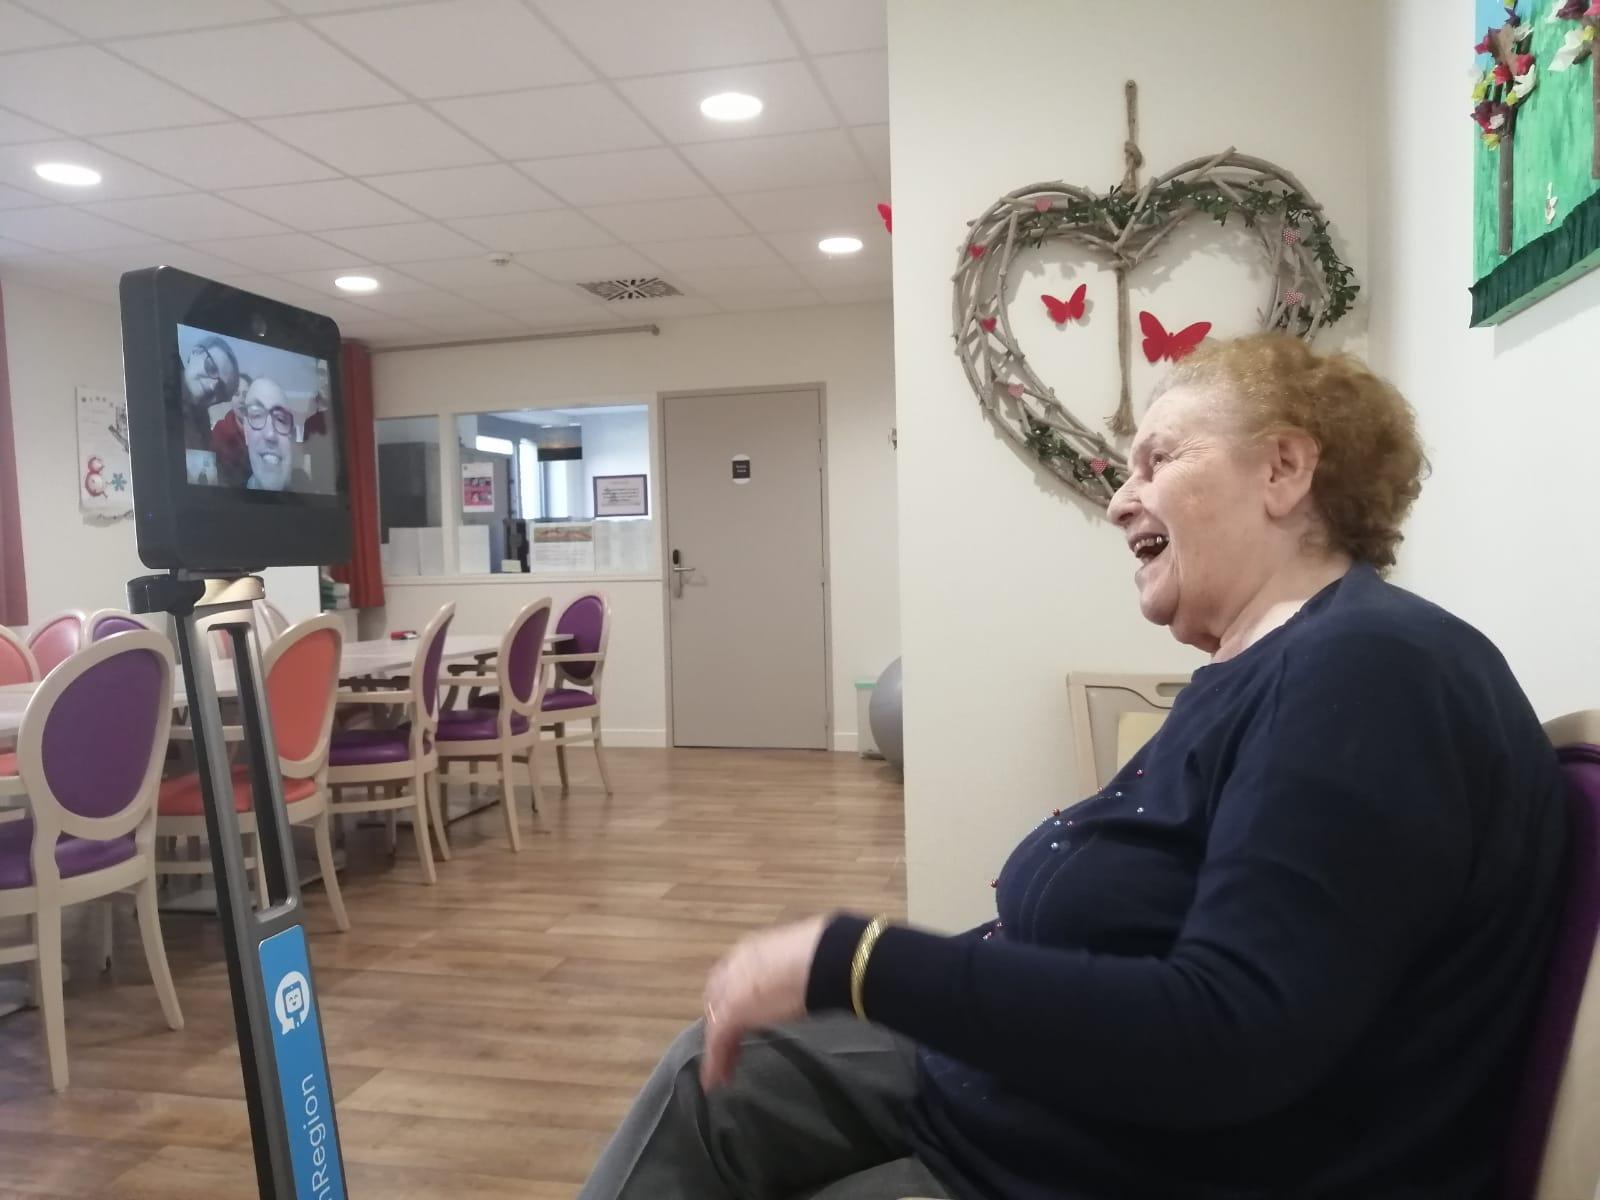 Téléprésence en EHPAD : un dispositif solidaire pour maintenir le lien entre les familles et les résidents